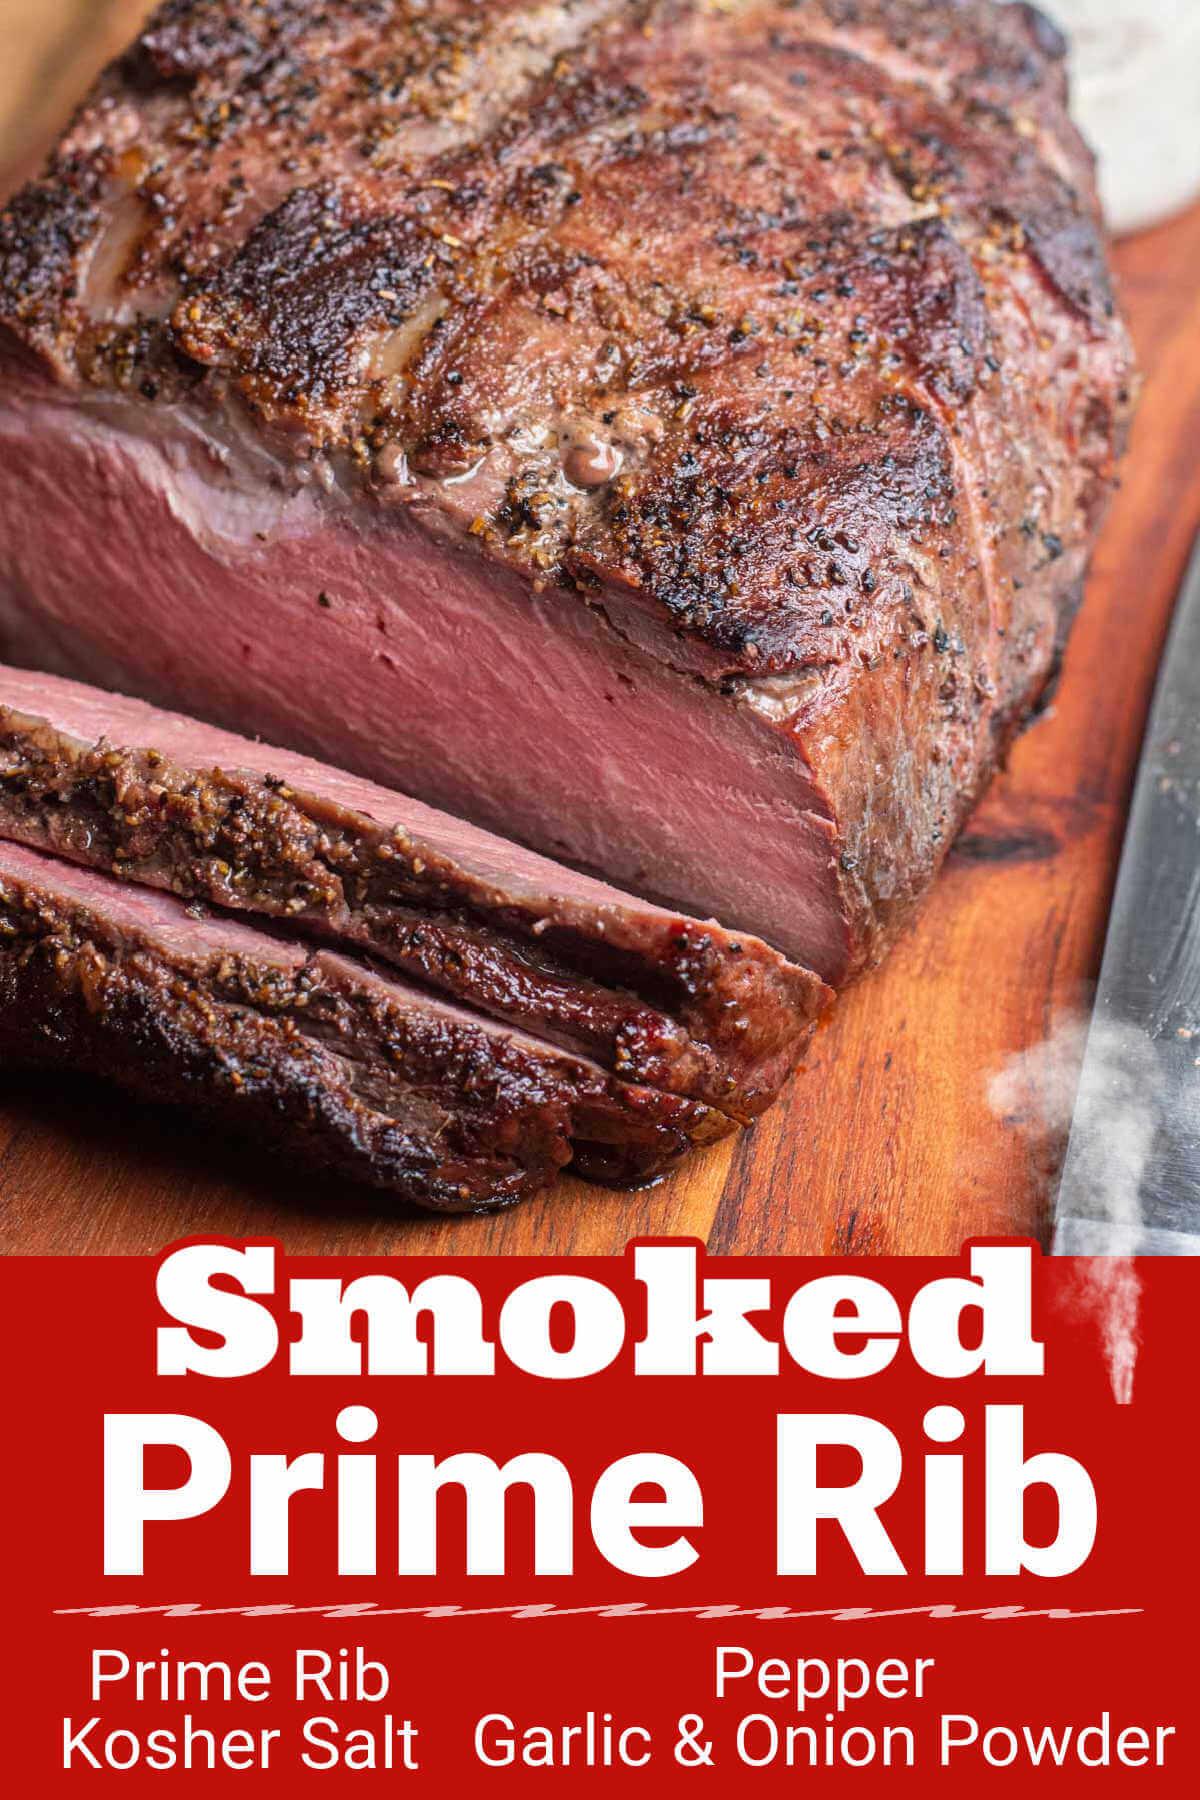 How to Smoke a Prime Rib